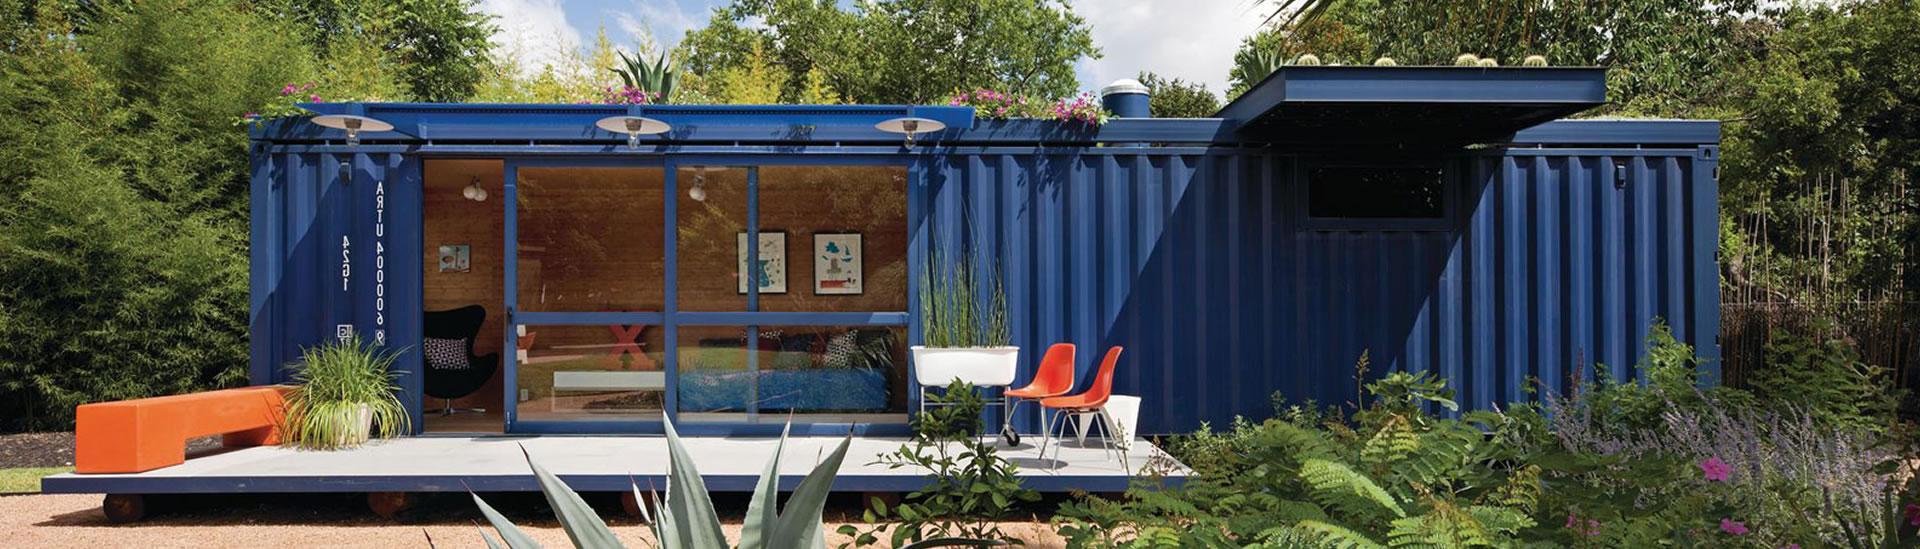 Case mobili usate in occasione prezzo - Casa container prezzo ...